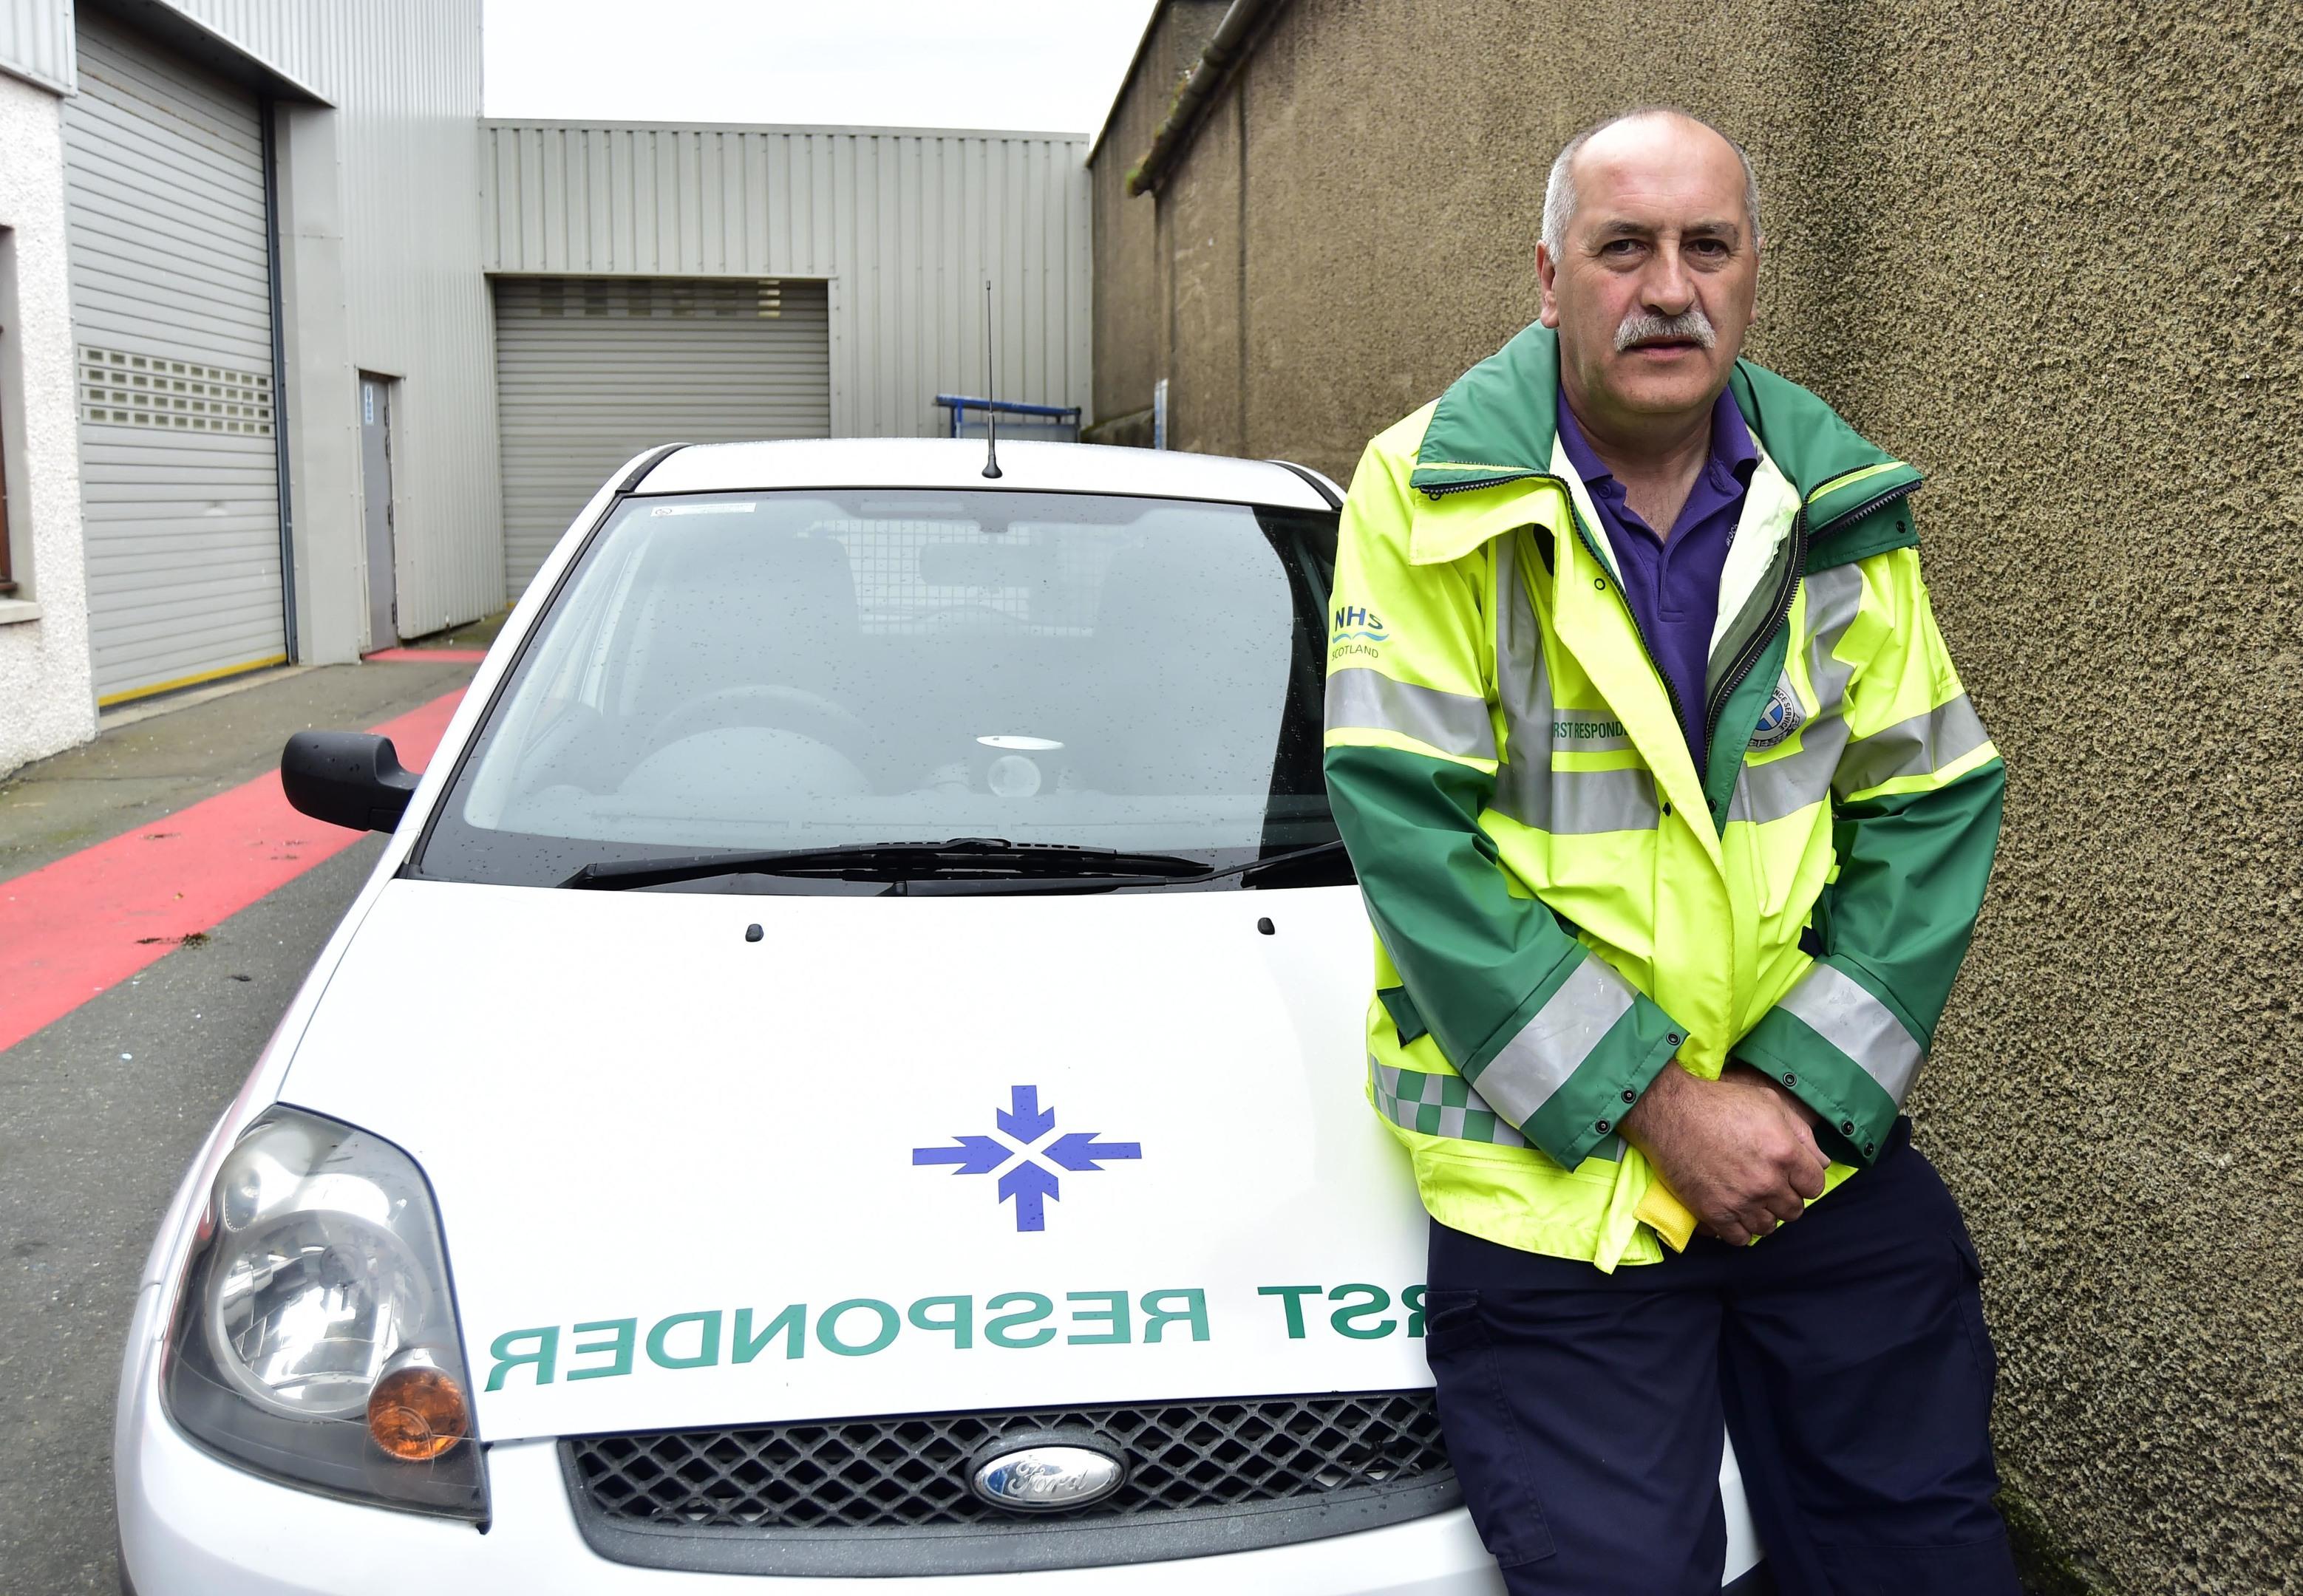 Fraserburgh first responder Donny Harper